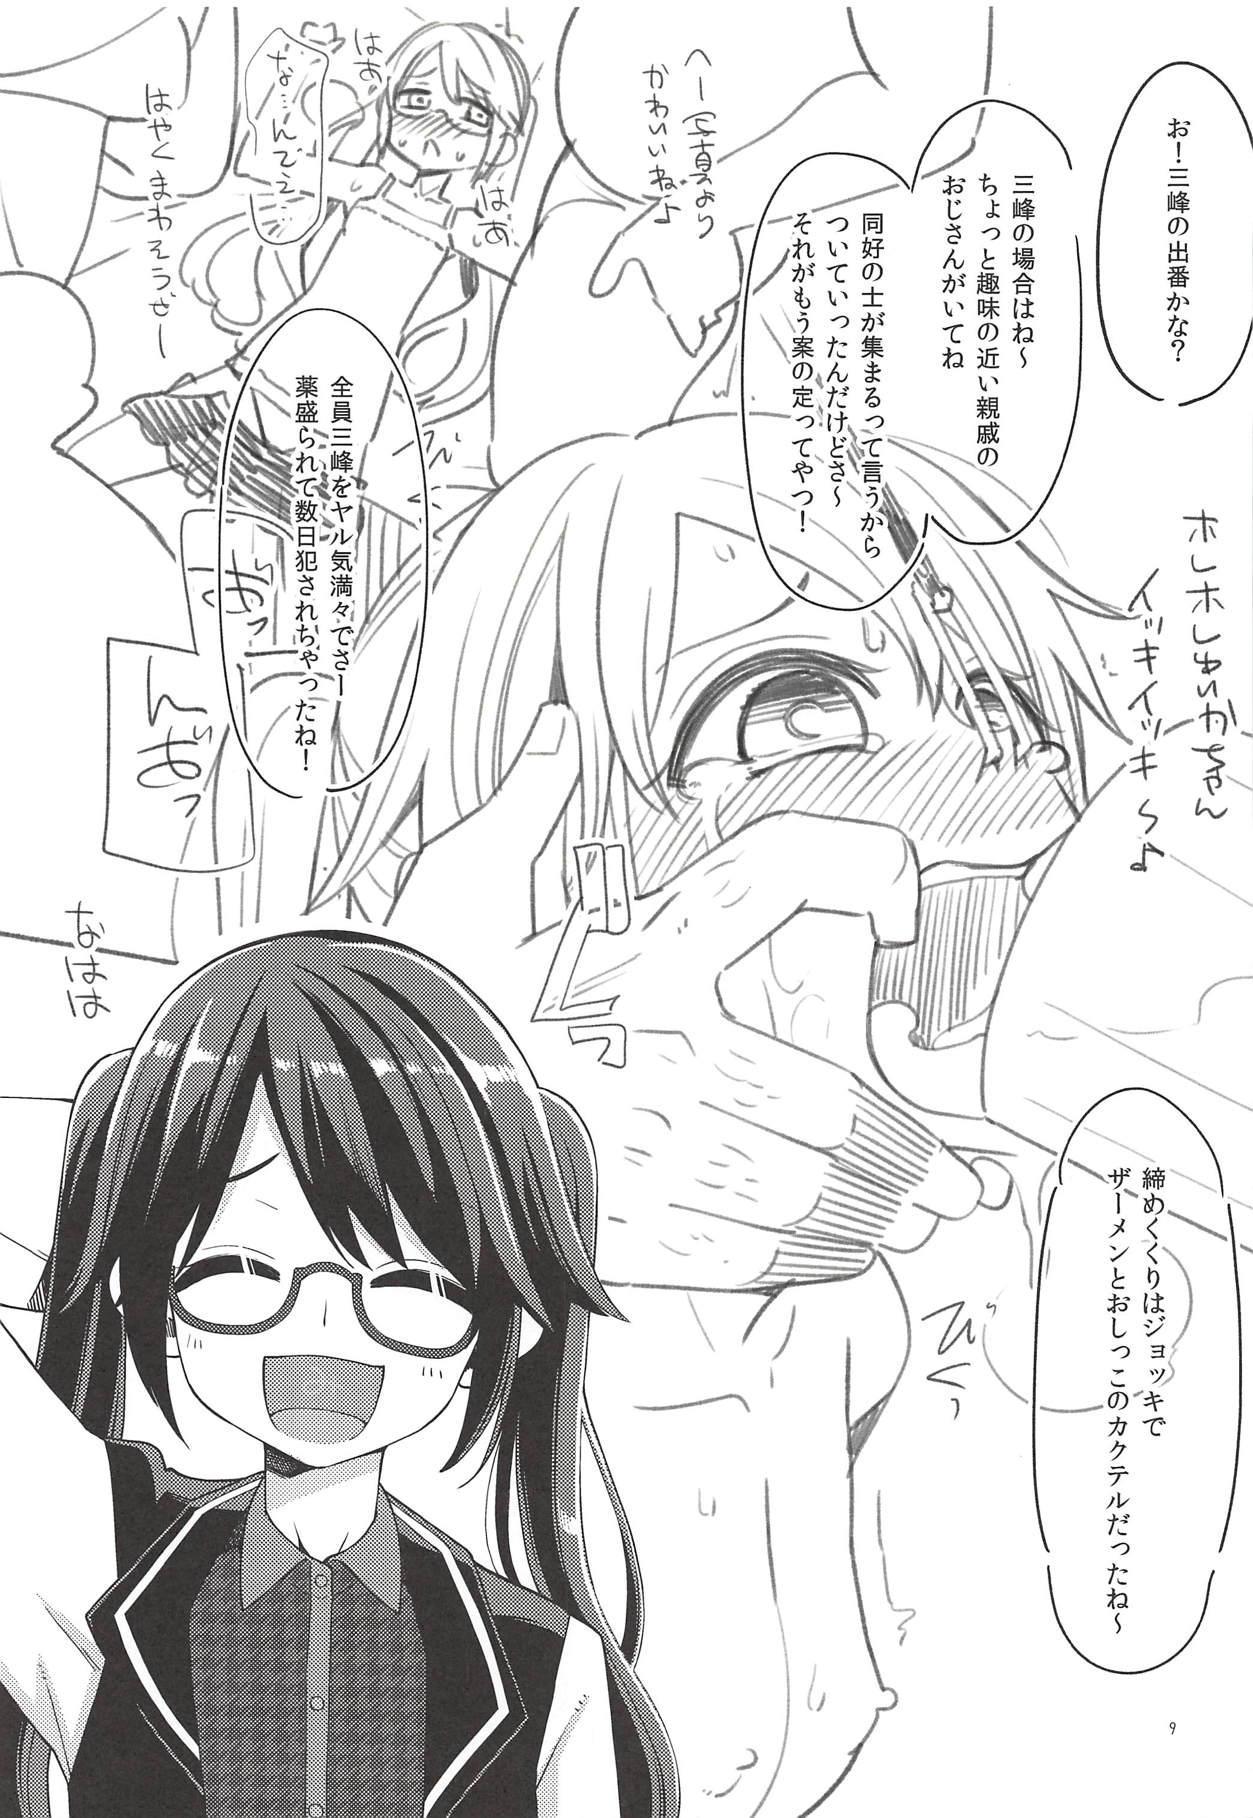 Tsukioka Kogane no Special Hatsutaiken 7